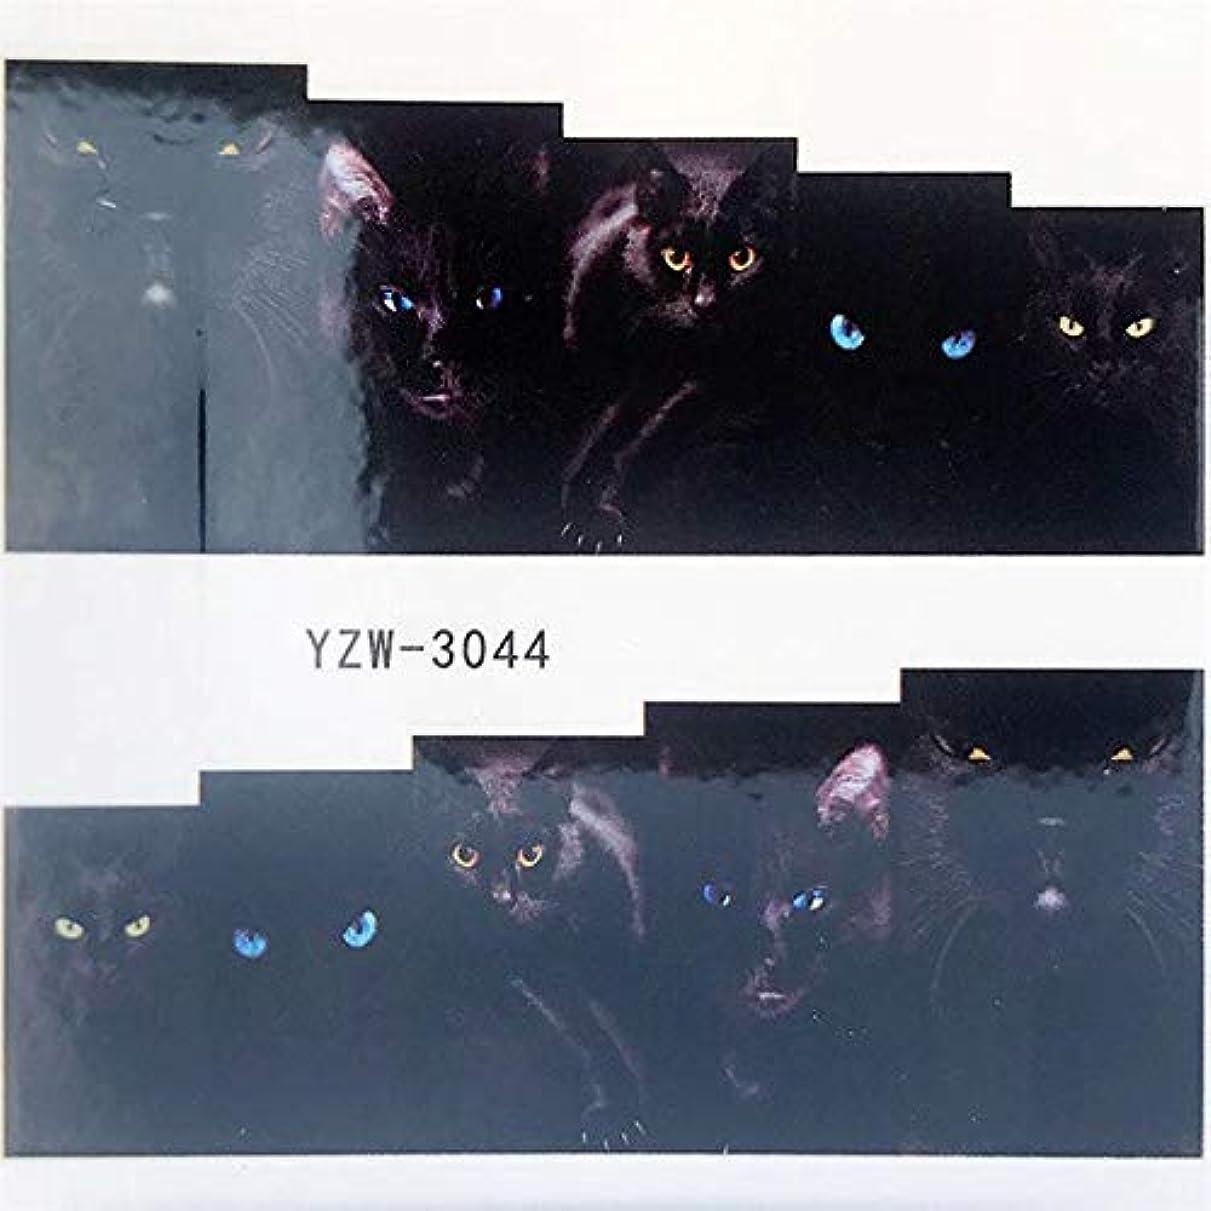 確執ペット迅速SUKTI&XIAO ネイルステッカー 1枚のDIY水転写ネイルアートステッカーカラフルな紫色の花ネイルステッカーラップ